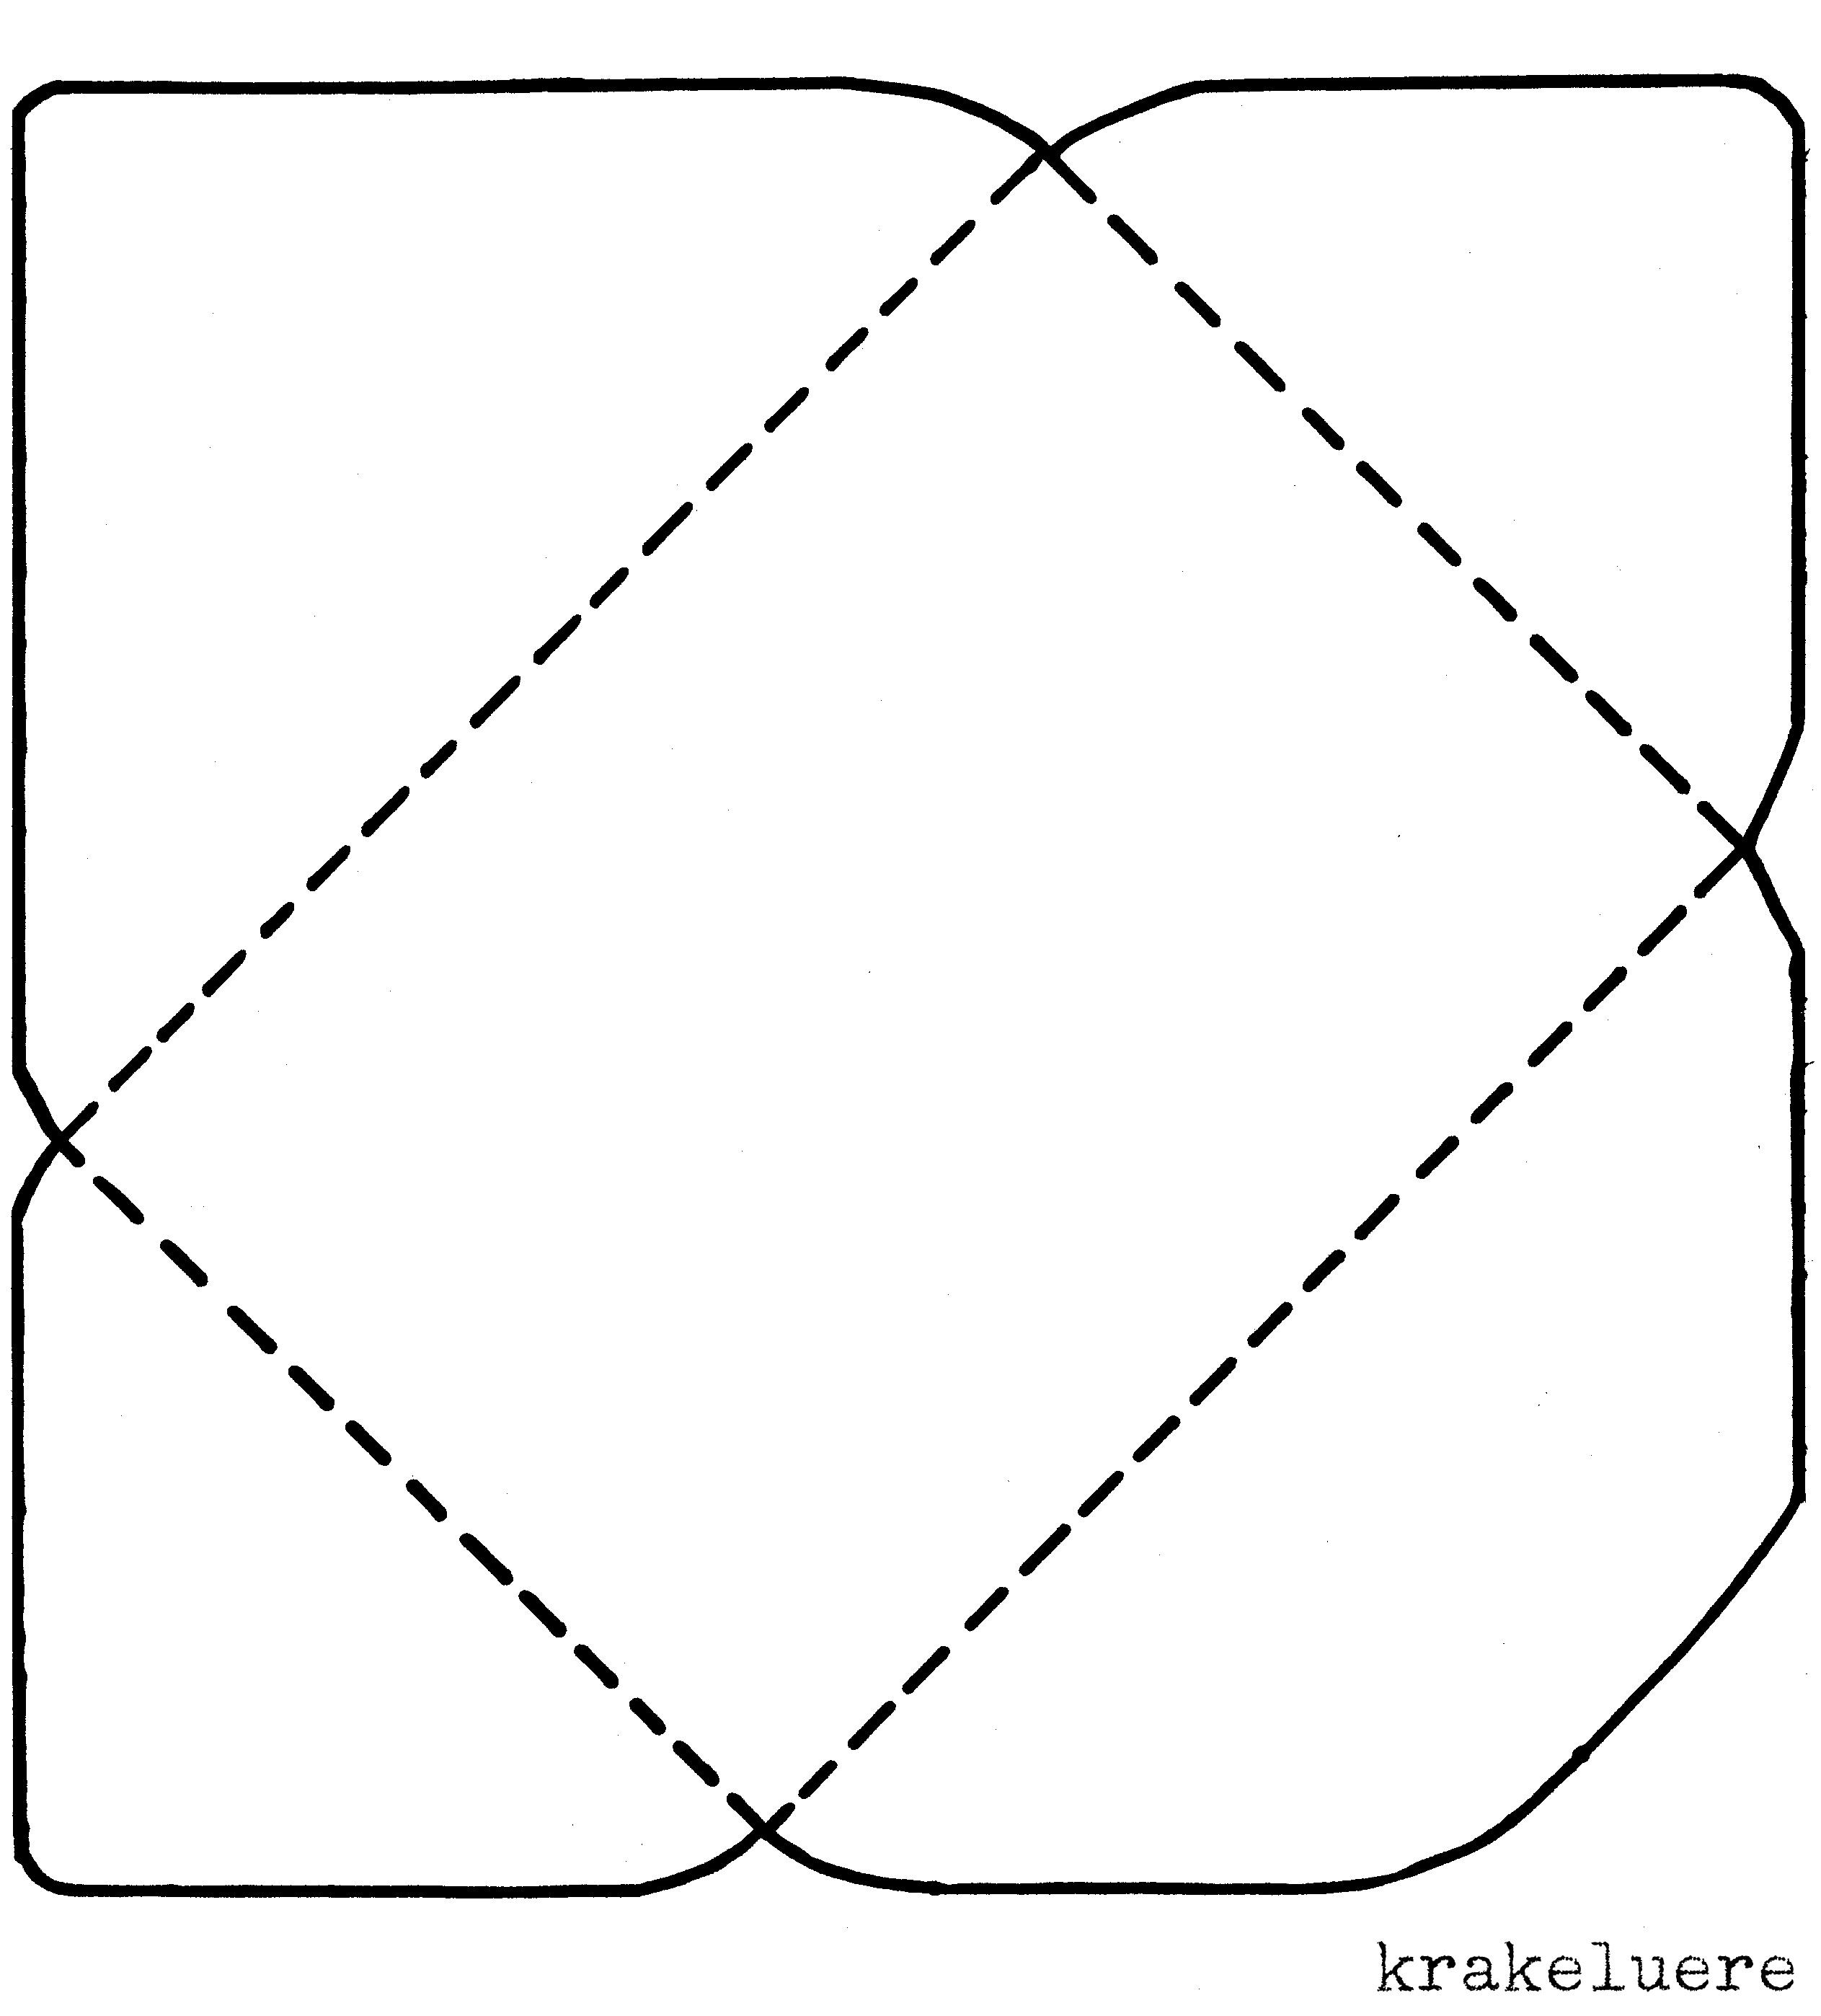 Briefe Falten Kleiner Umschlag : Krakeluere briefumschläge basteln